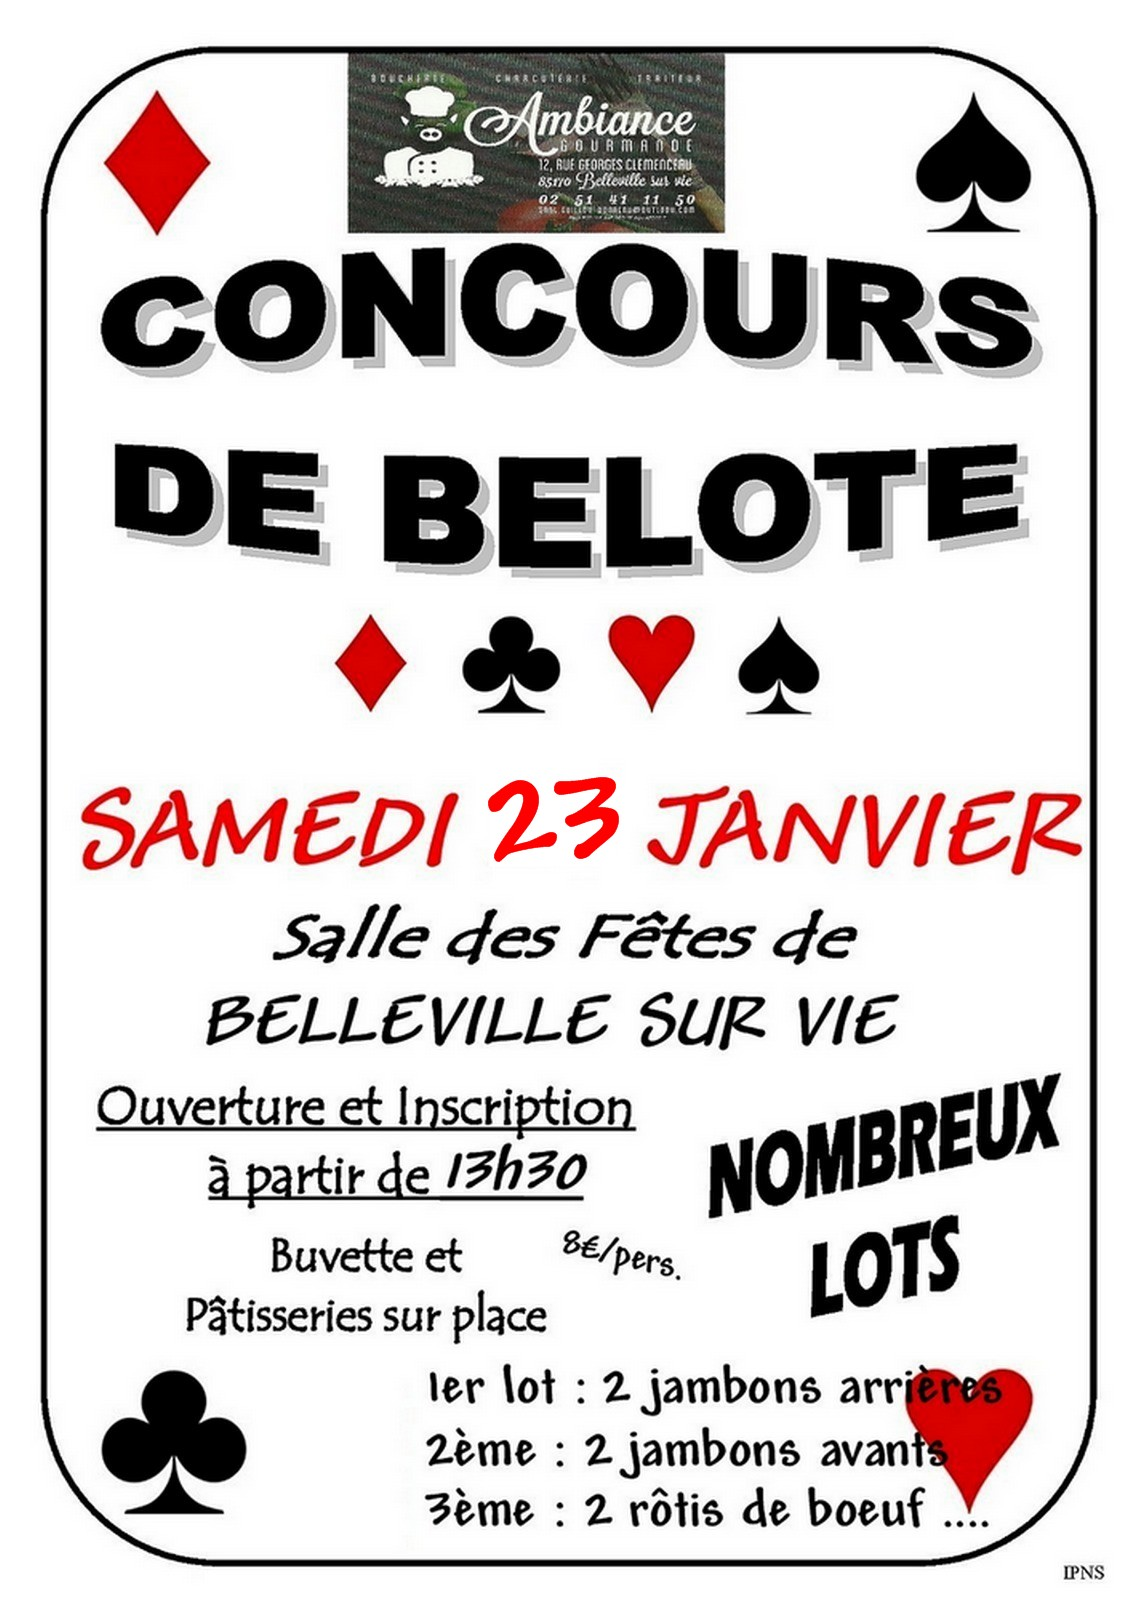 Affiche du Concours de belote le 23 janvier 2016 à Belleville Sur Vie - 85